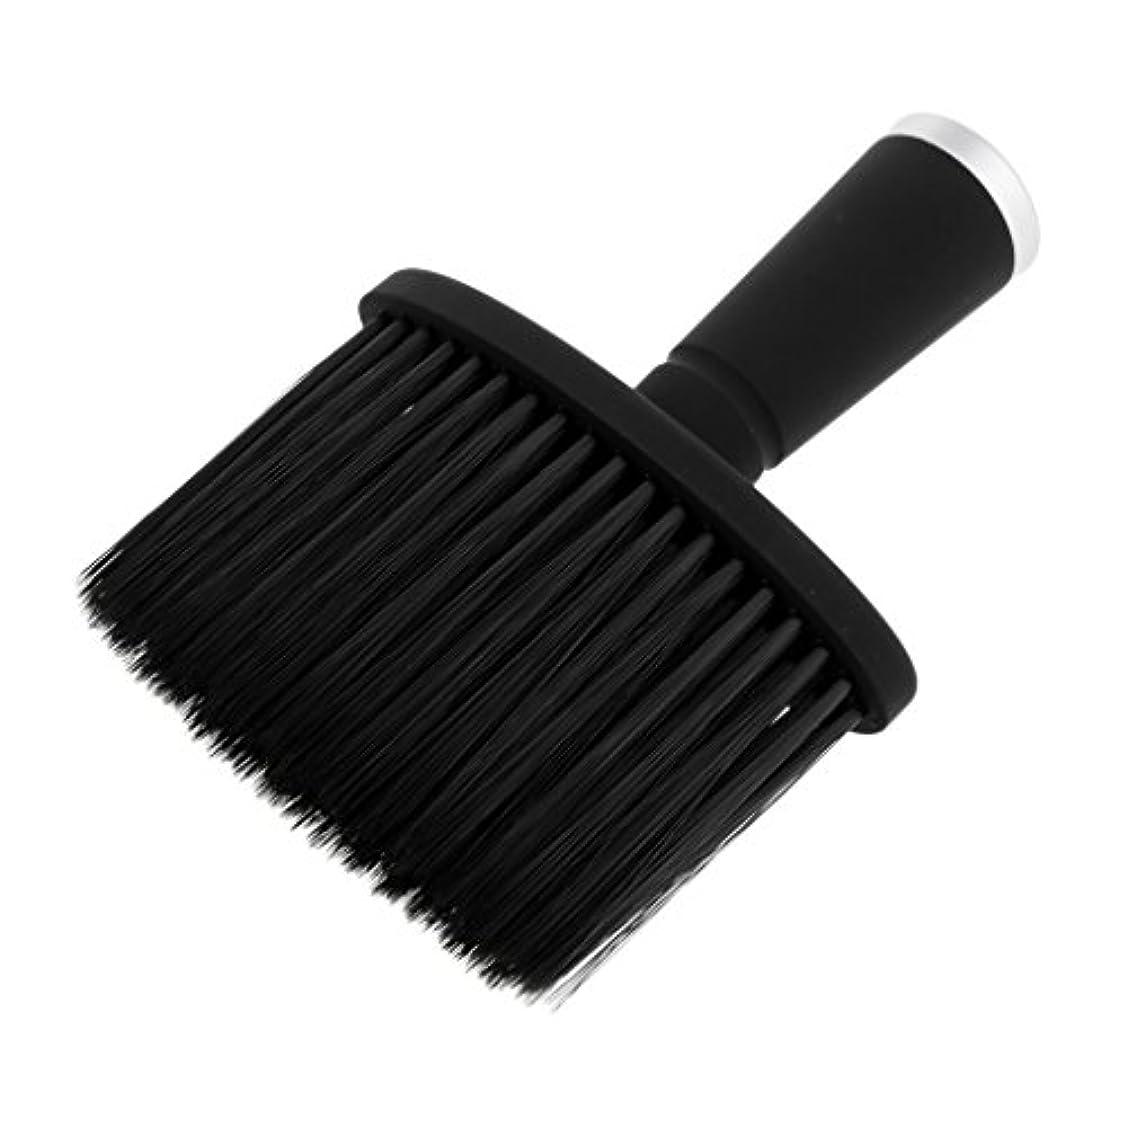 洗剤夜明けに製品ソフトネックダスターブラシサロンのためのスタイリストの理髪髪ヘアカットメイクツール - 銀